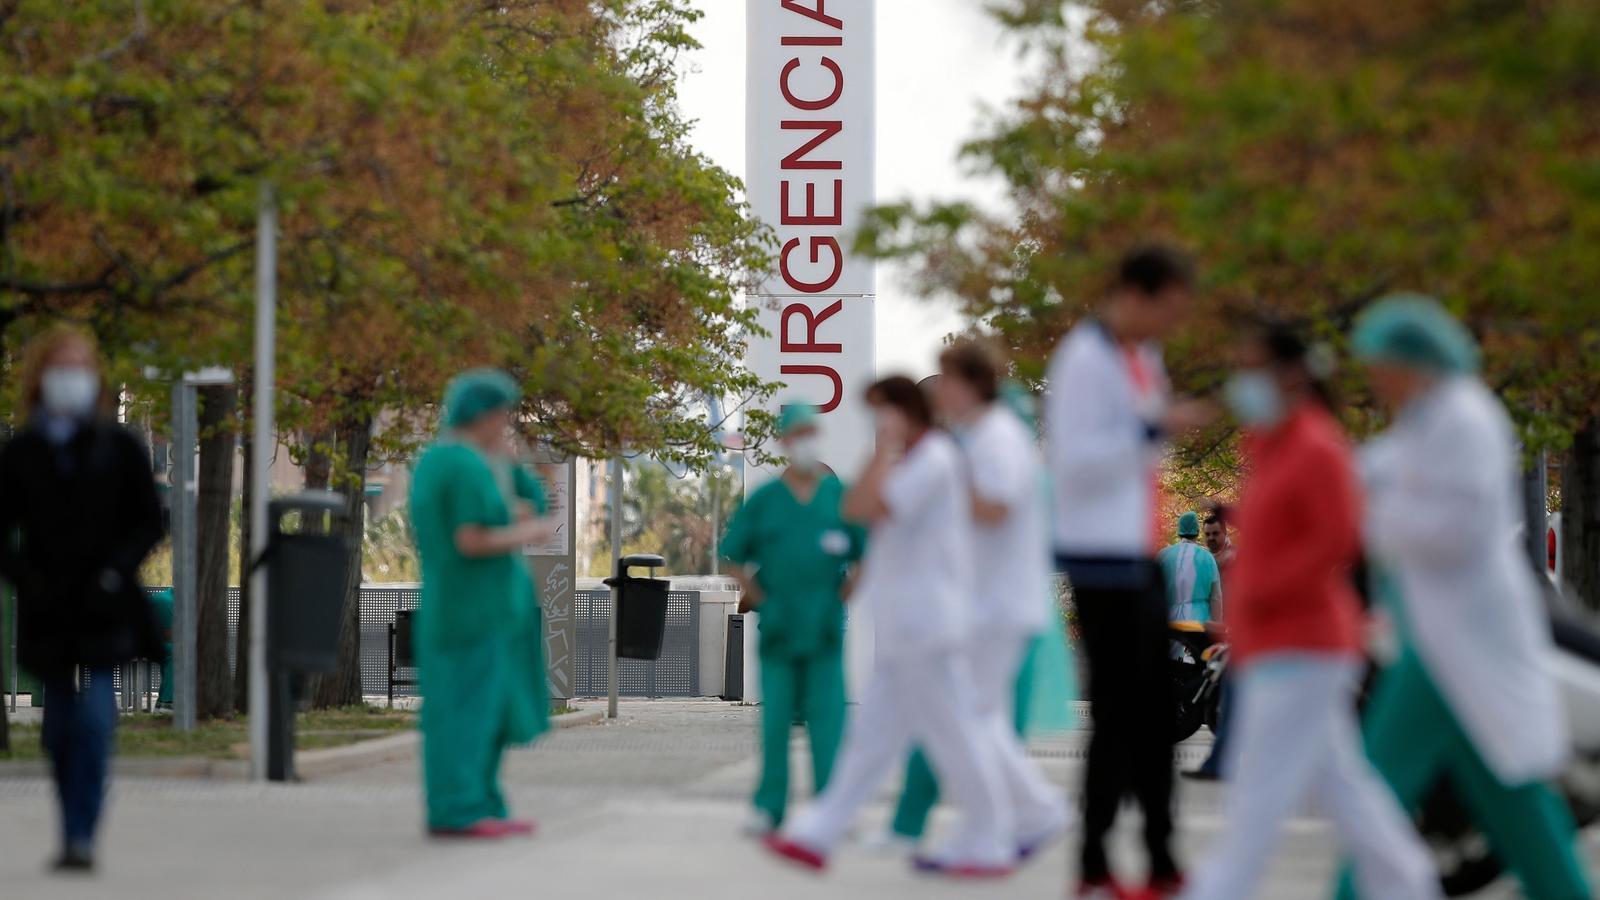 Els ingressos hospitalaris al País Valencià creixen l'última setmana un 50%, i les persones ateses a l'UCI, un 100%